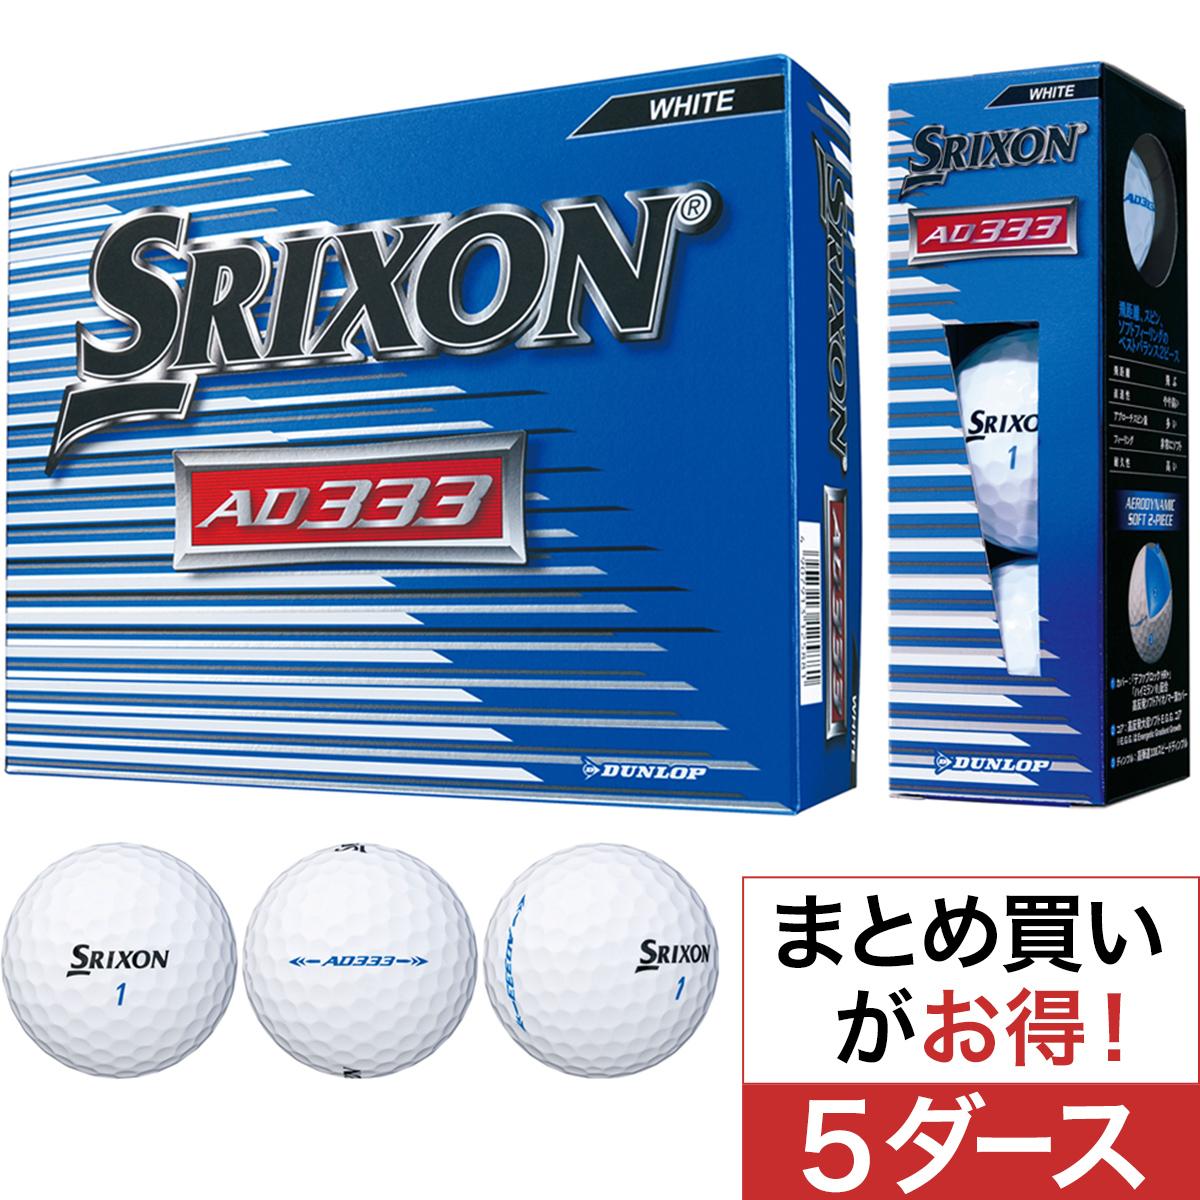 スリクソン AD333-7 ボール 5ダースセット